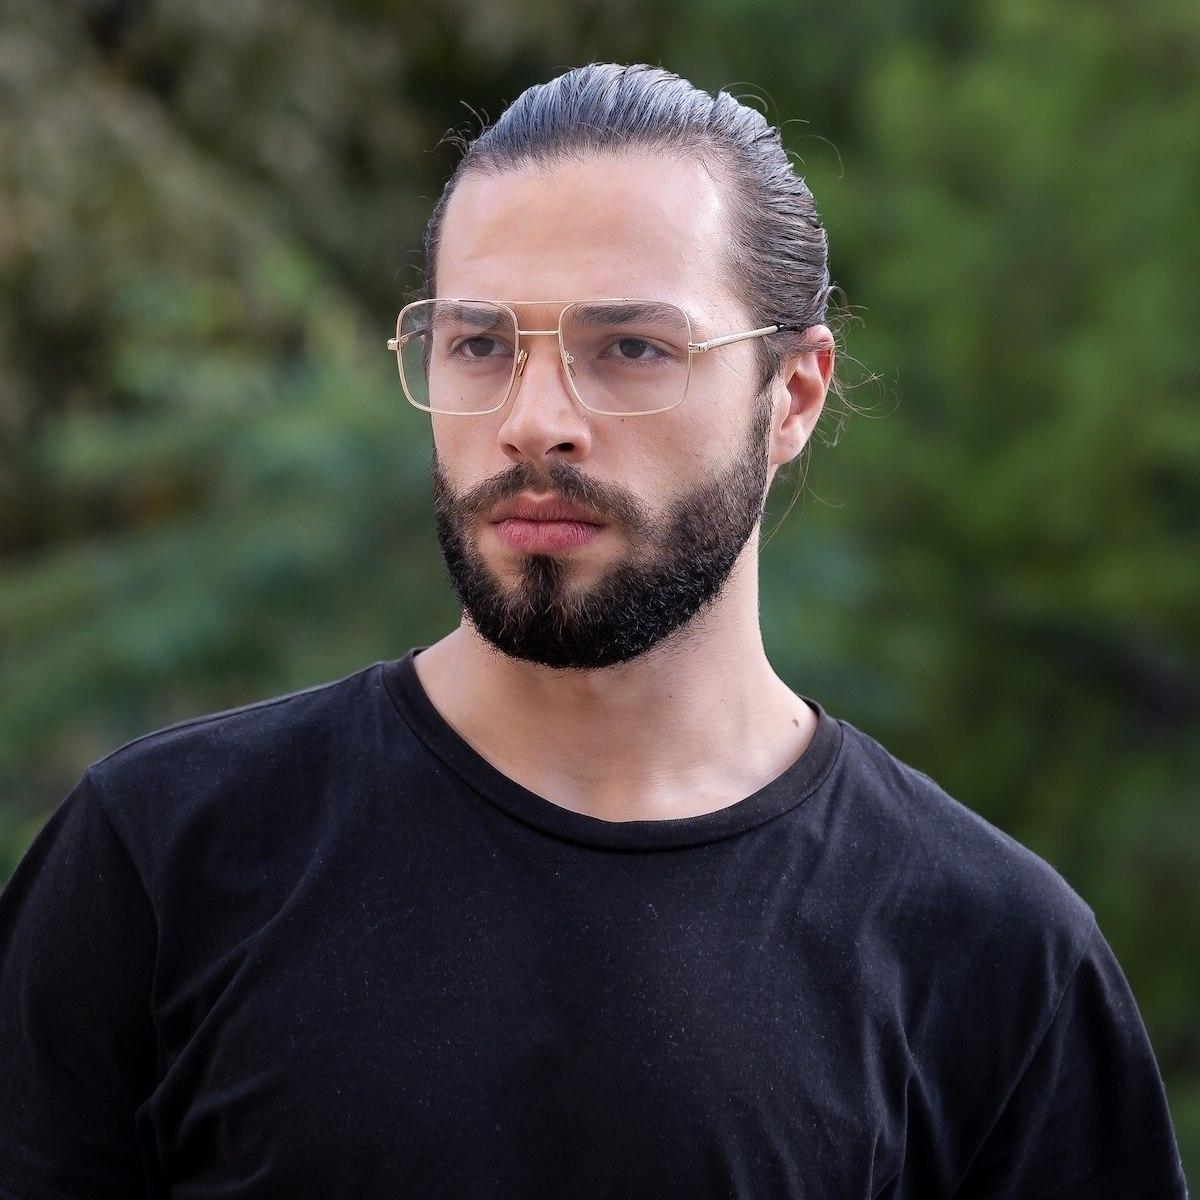 Men's Barett Optic Glasses